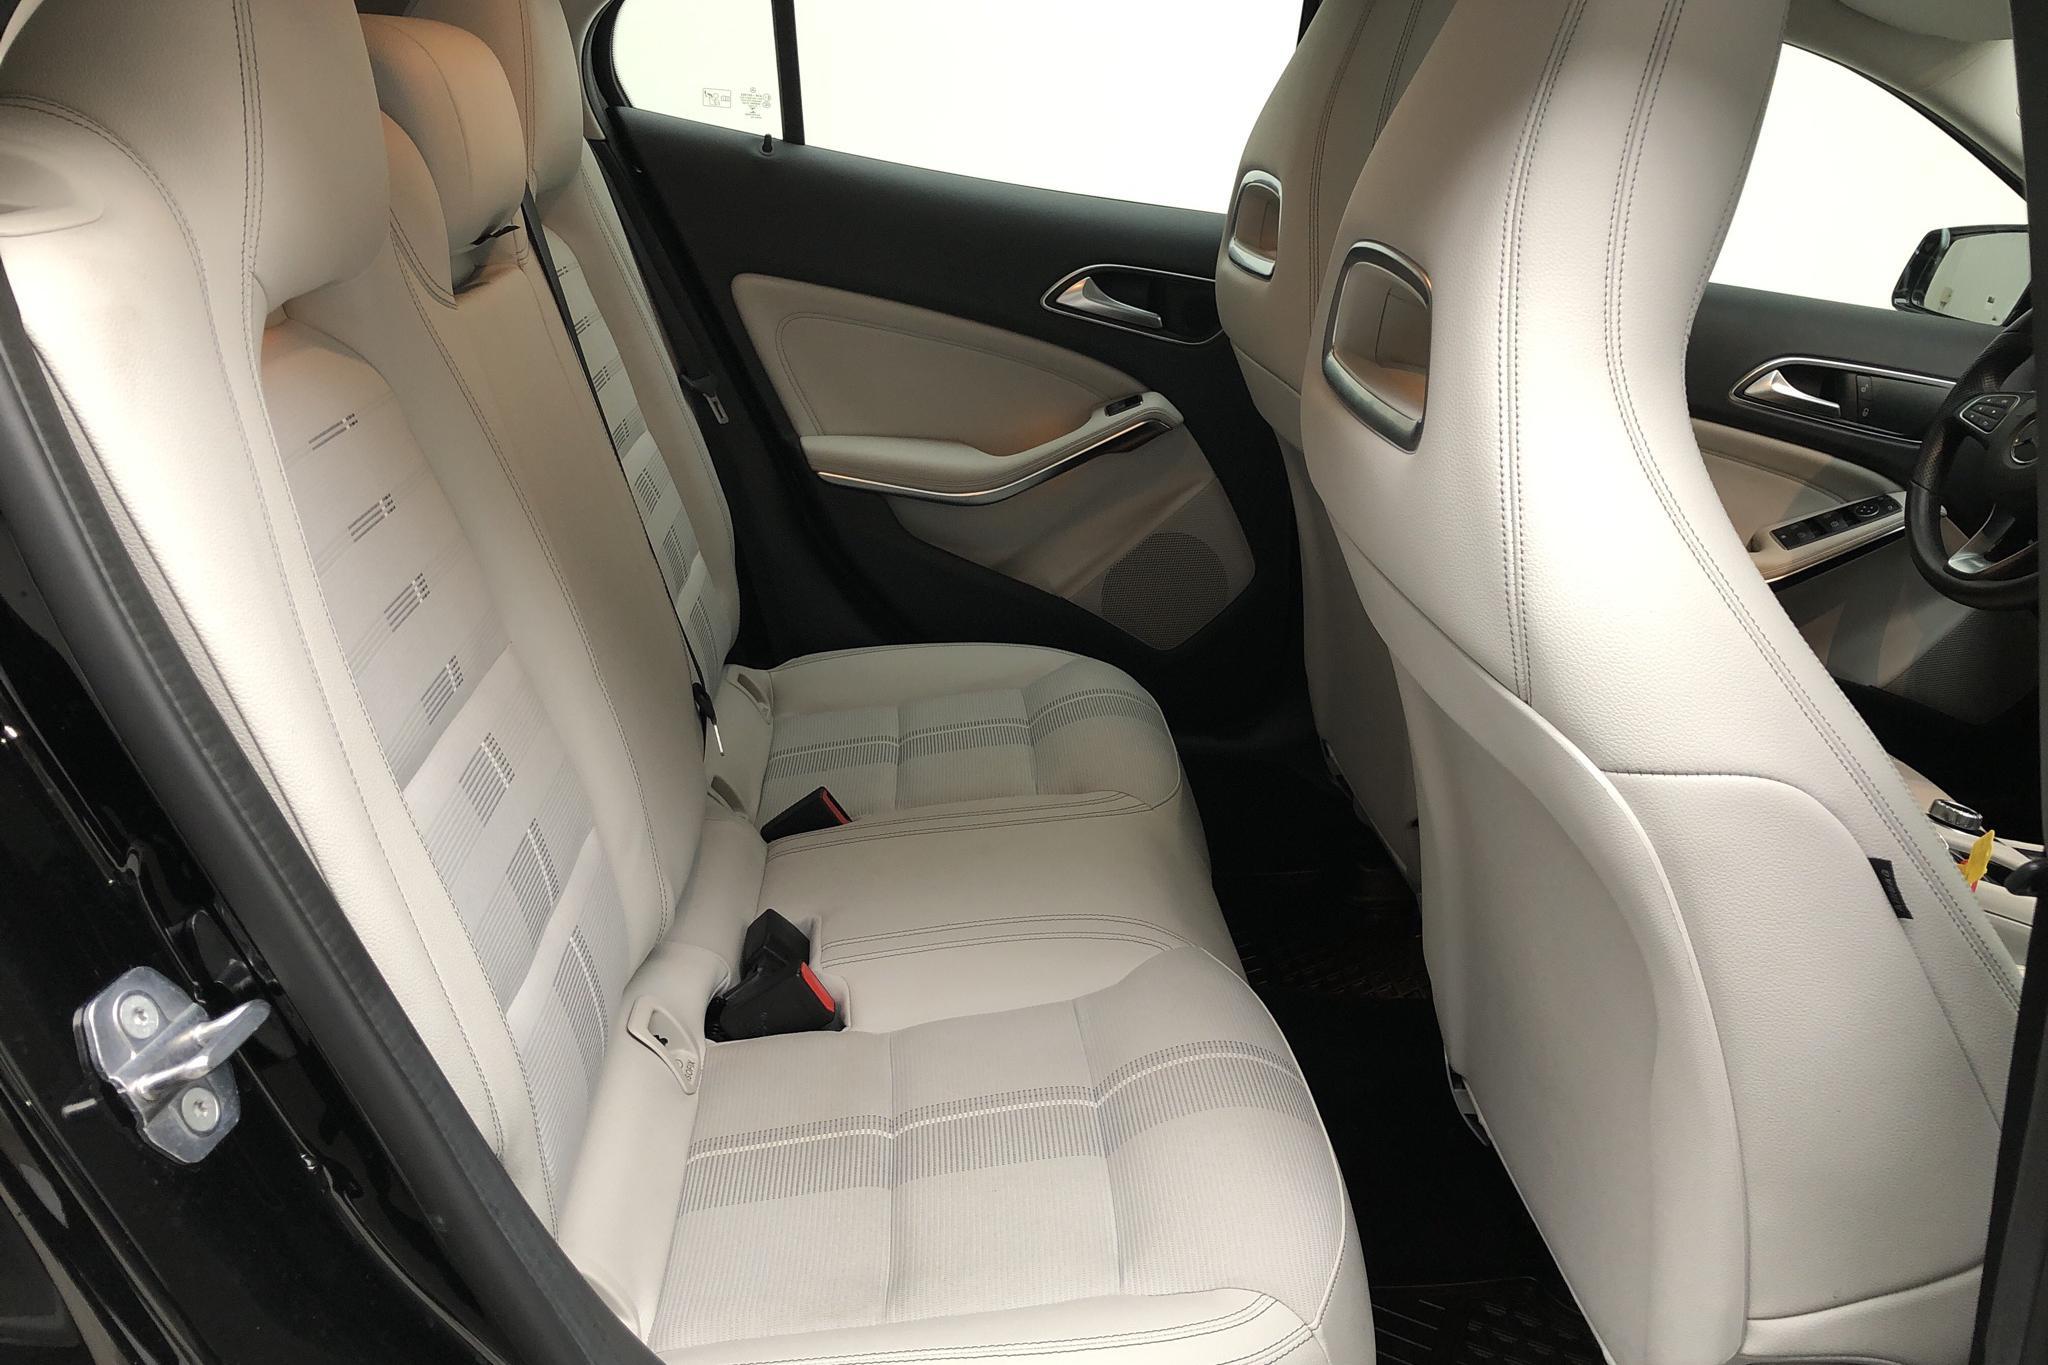 Mercedes GLA 180 X156 (122hk) - 2 406 mil - Manuell - svart - 2019